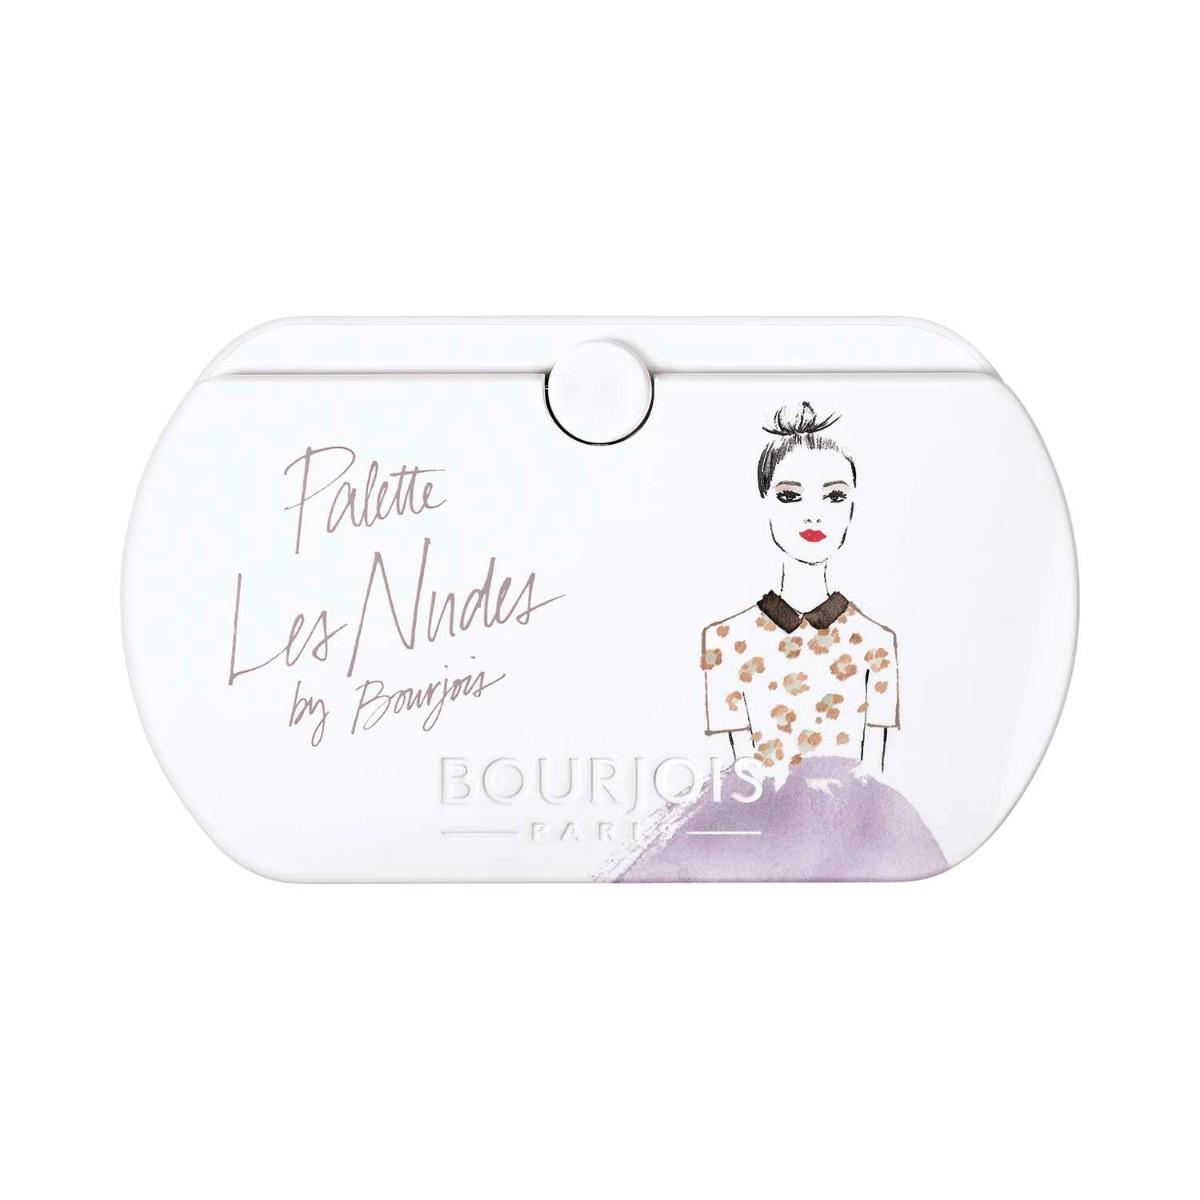 Bourjois Les Nudes